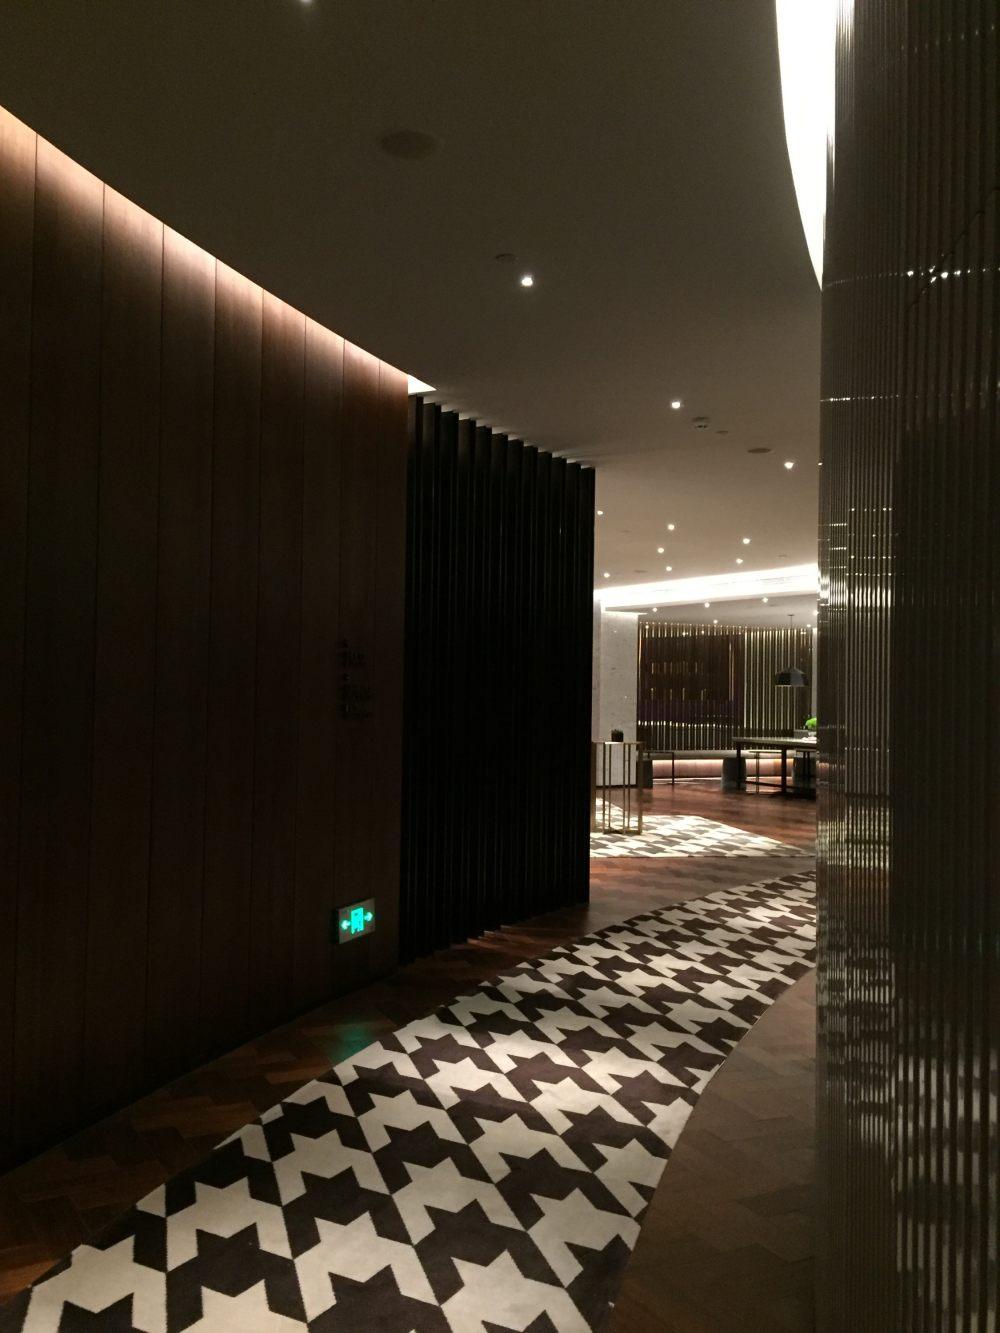 上海外滩W酒店,史上最全入住体验 自拍分享,申请置...._IMG_6055.JPG